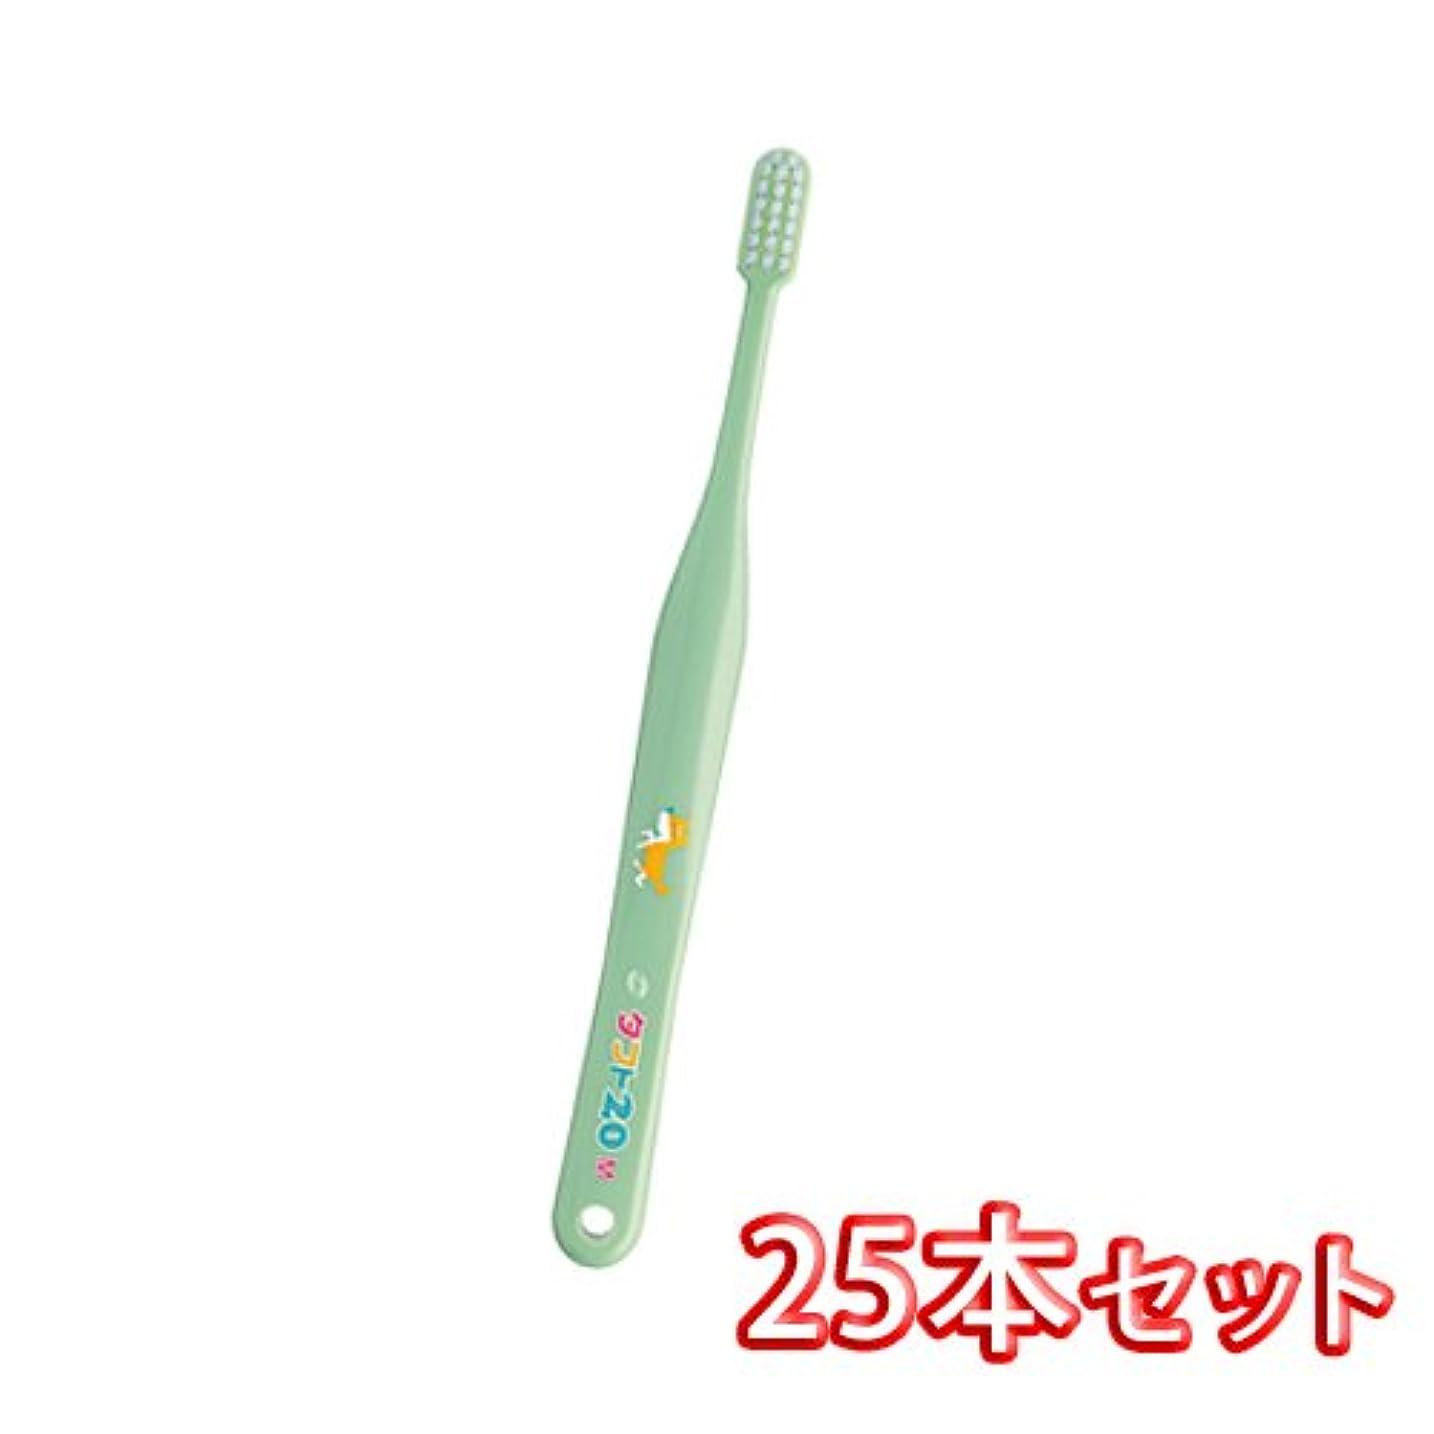 ピカソ合体品オーラルケア タフト20 歯ブラシ ミディアム 25本入 M グリーン